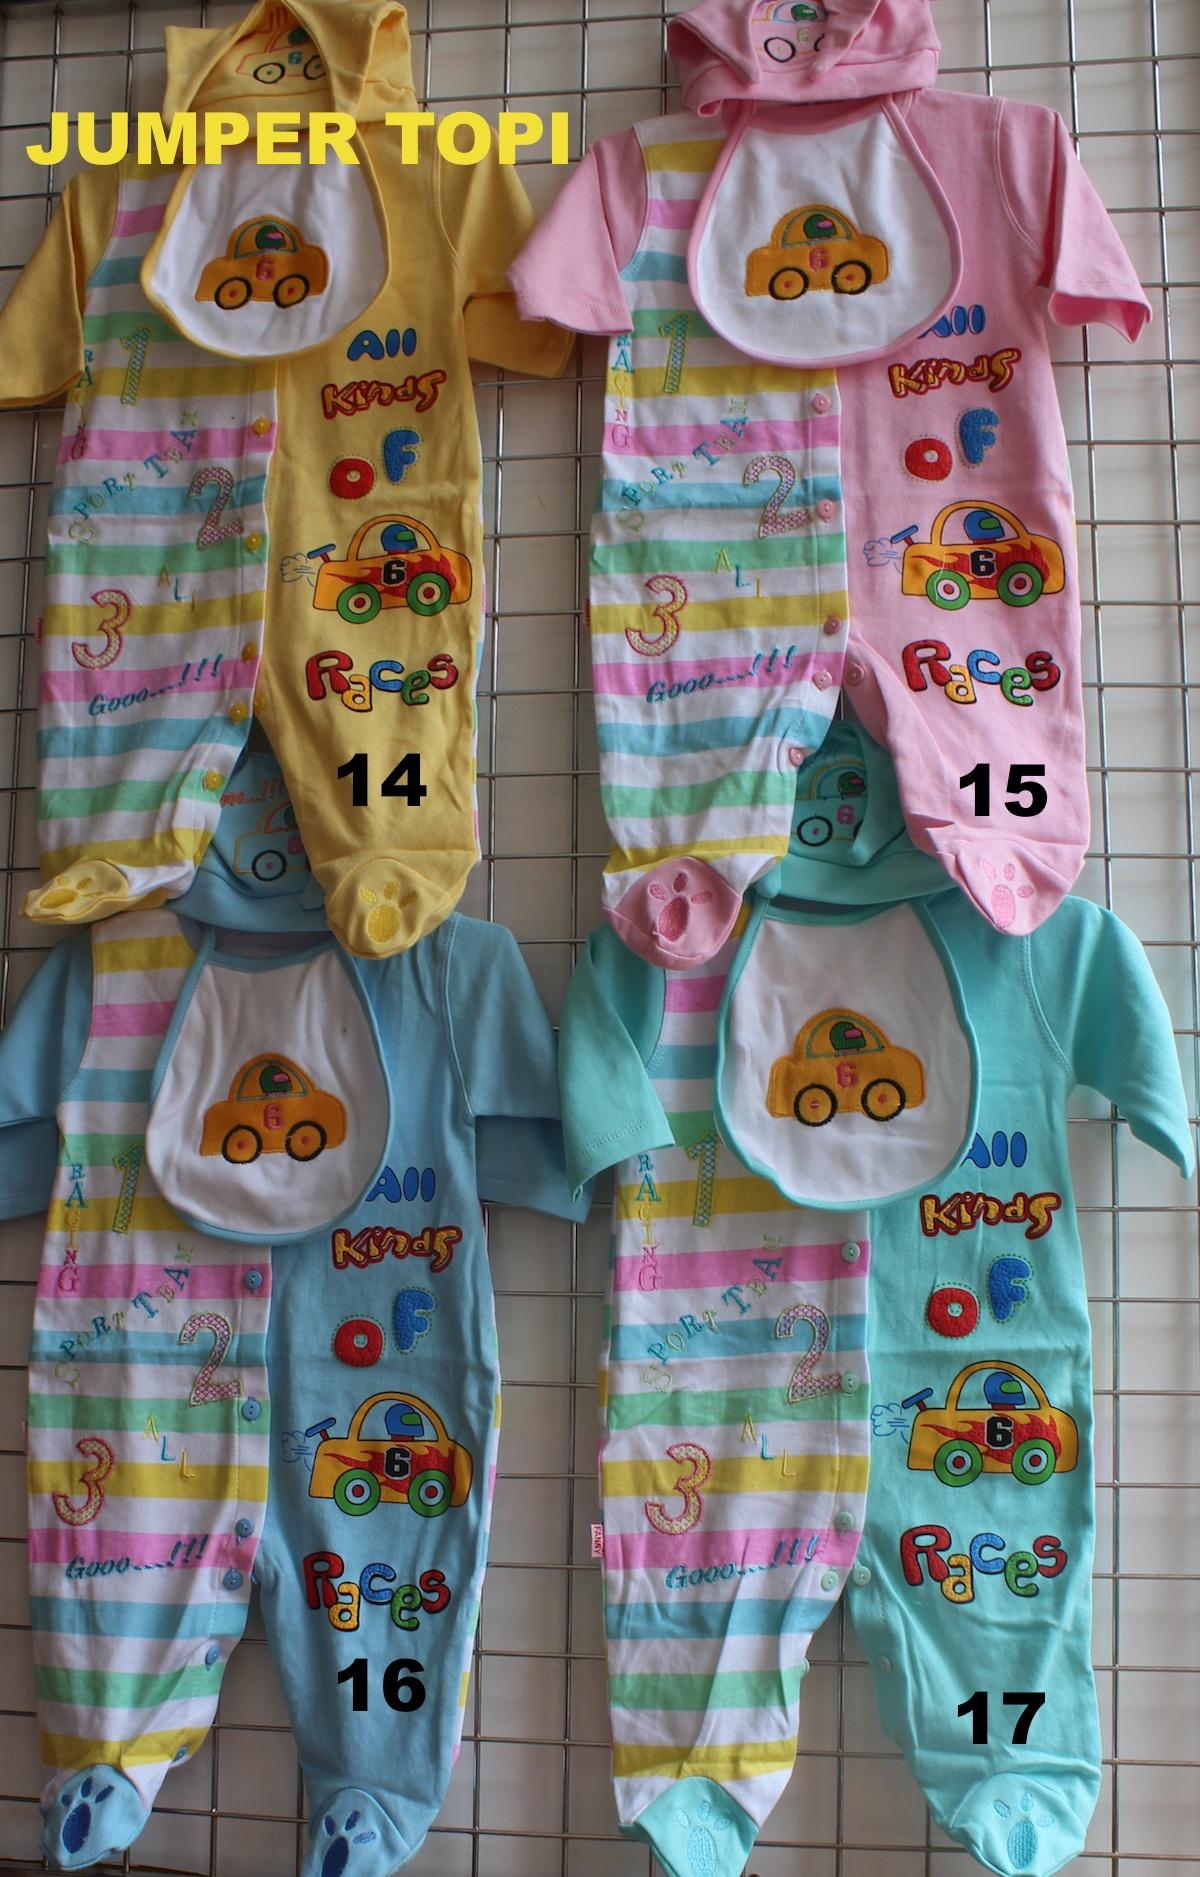 Distro Bayi Parisya Moms & Kids – Toko perlengkapan bayi produk lokal dan import pilihan terbaik Parisya Moms & Kids pilihannya